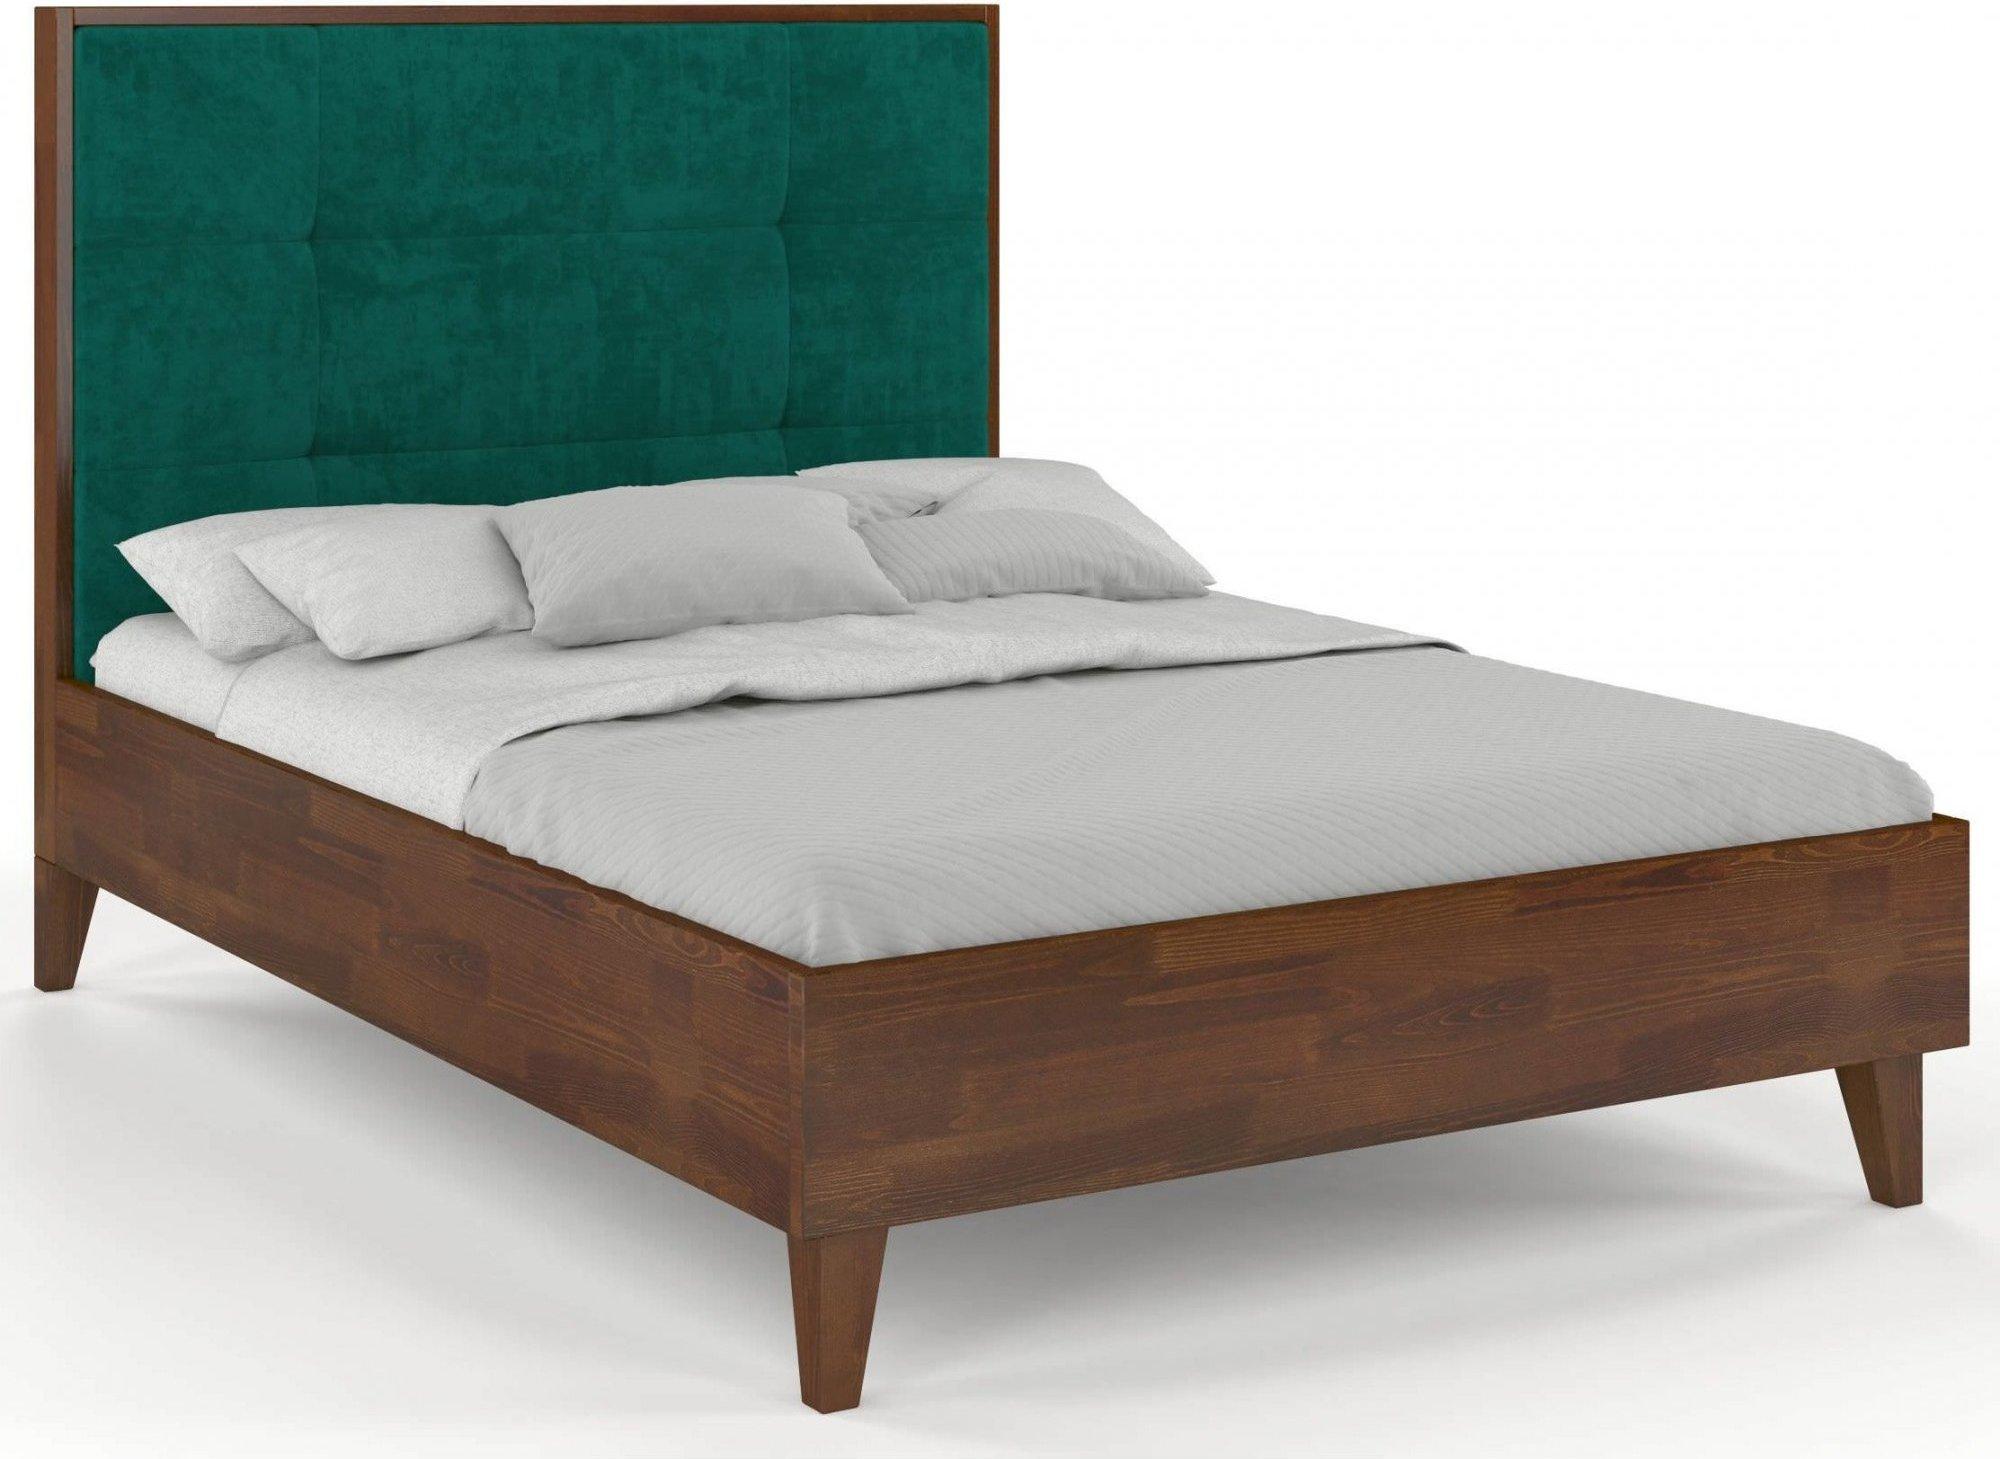 Lit avec tête de lit sommier noyer massif vert 160x200cm